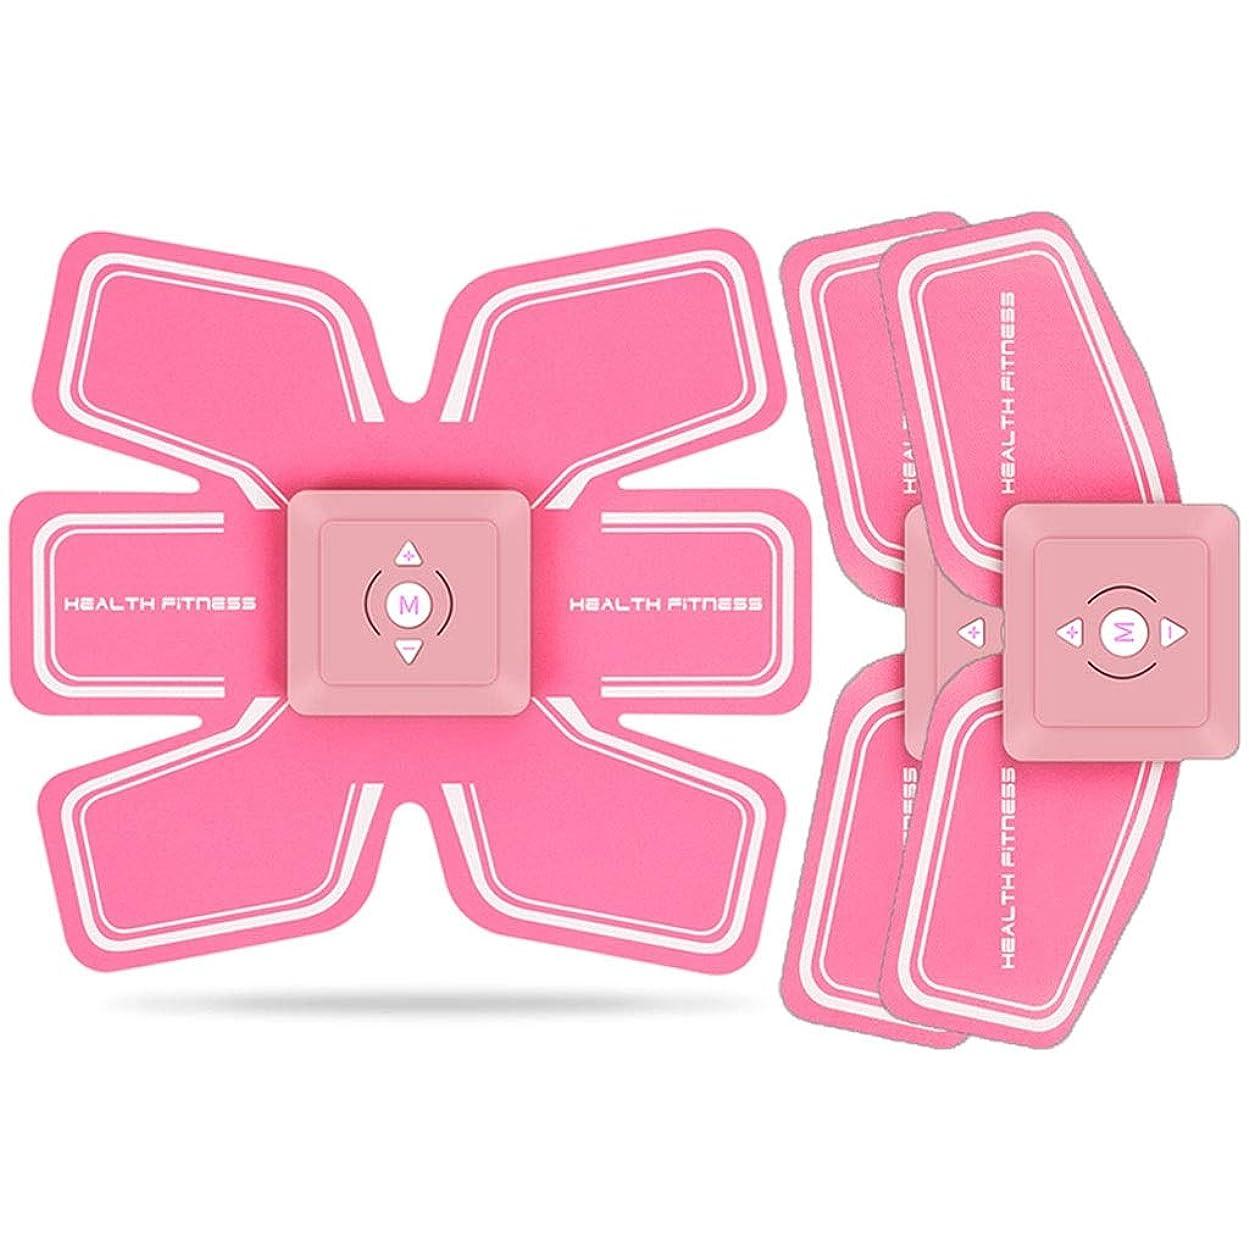 攻撃的完全に飾り羽ABSトレーナーEMS腹部電気マッスルスティミュレーターマッスルトナー調色ベルトフィットネストレーニングギアABSエクササイズマシンウエストトレーナーホームワークアウト (Color : Pink, Size : D)